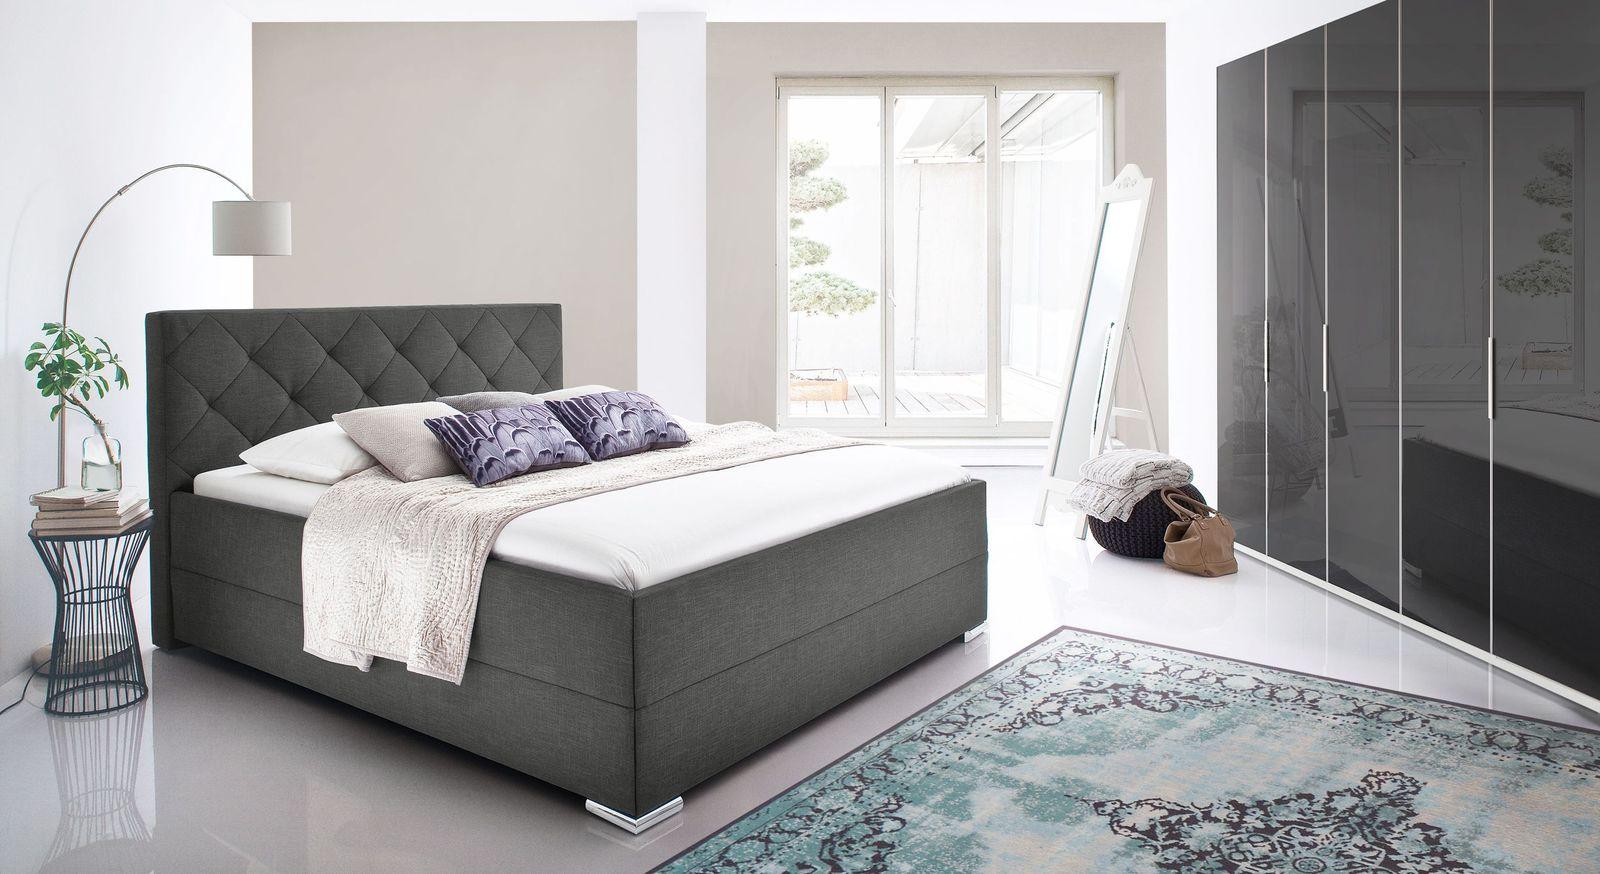 Bett Perryville mit moderner Schlafzimmer-Einrichtung